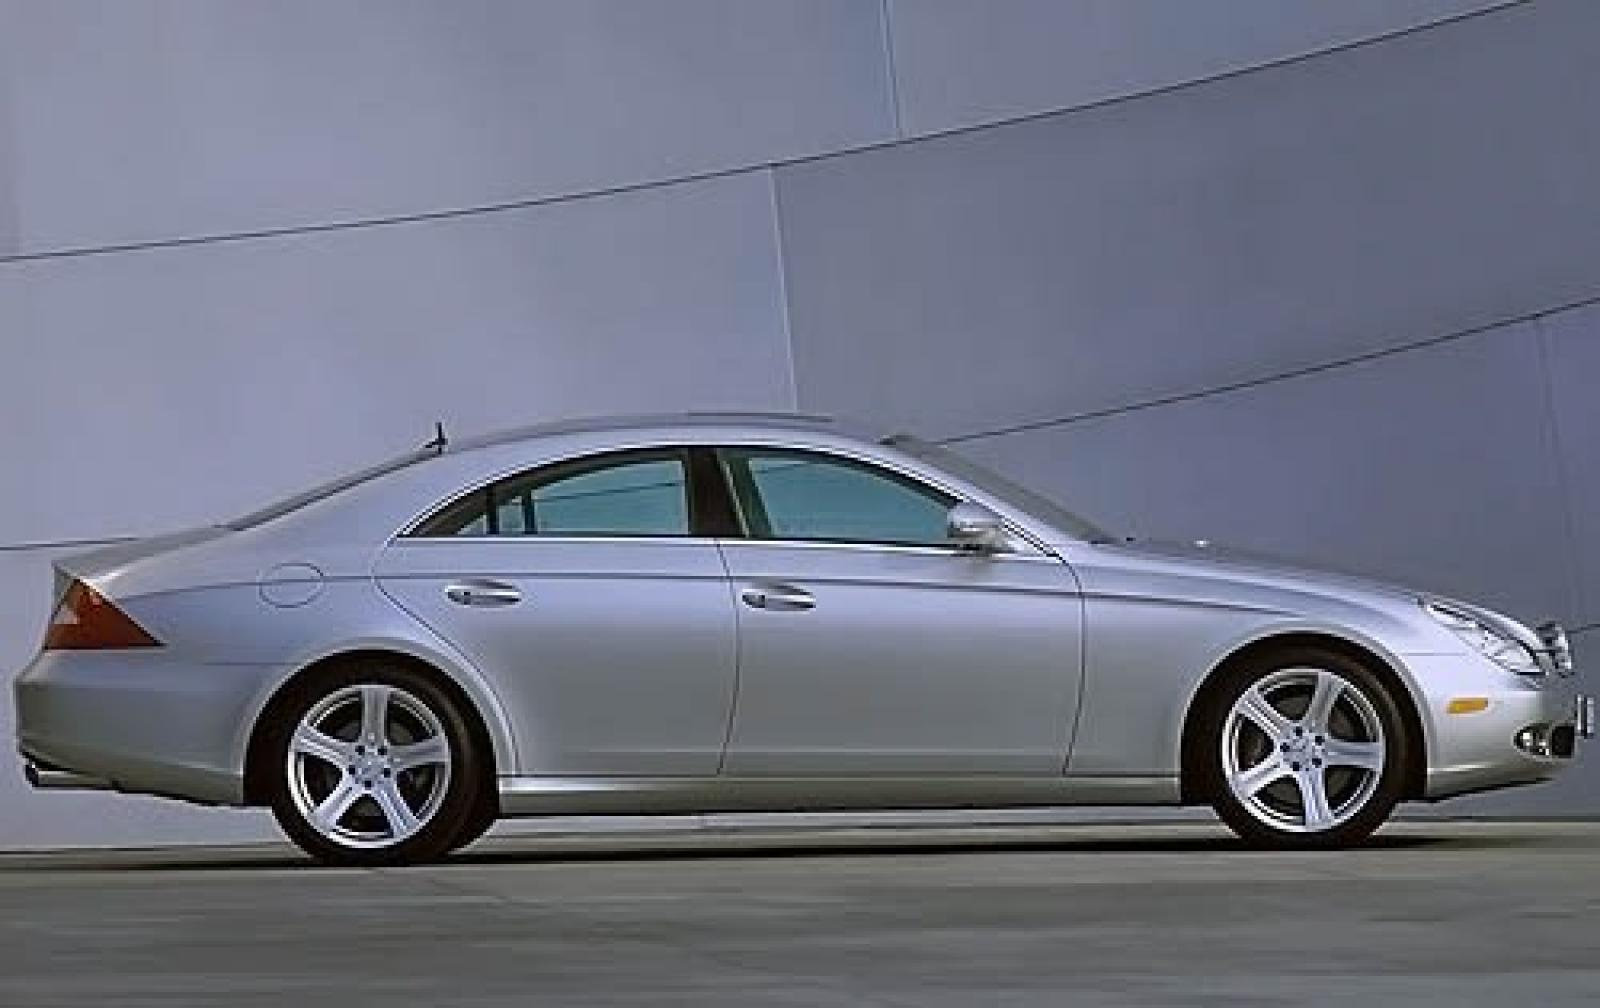 2008 Mercedes Benz Cls Class 1600px Image 6 Cls550 Rims